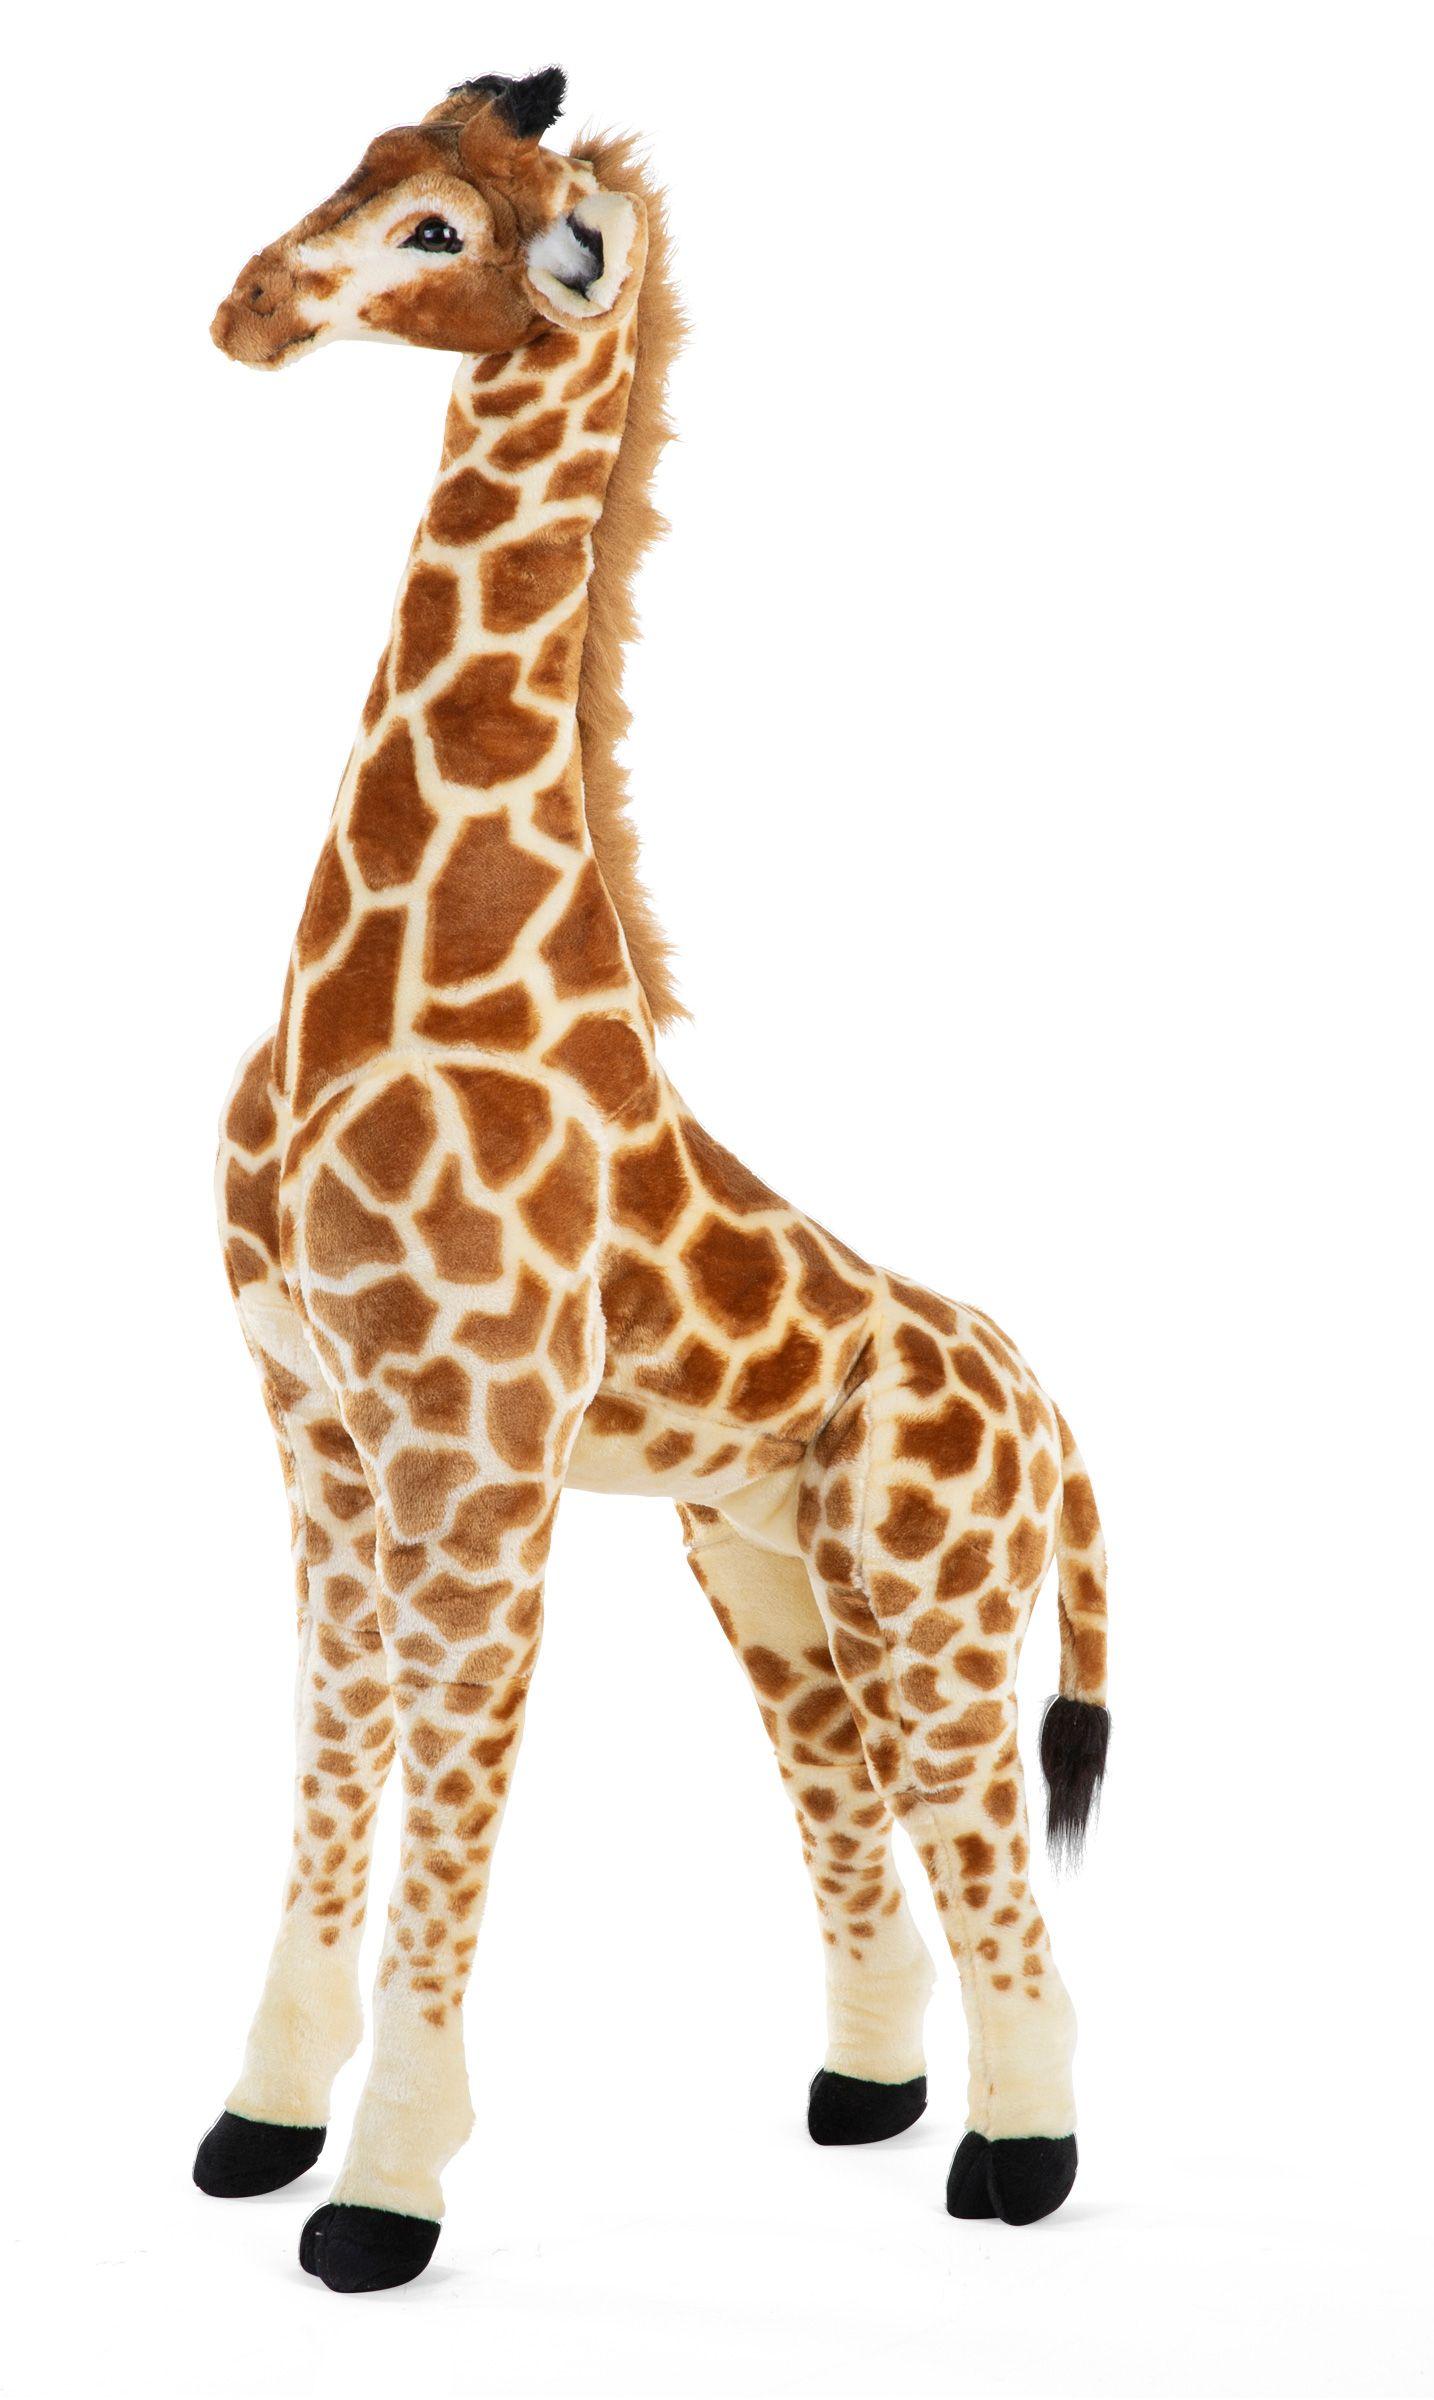 Childhome - Peluche Debout Girafe - 50x40x135 Cm - Brun Jaune